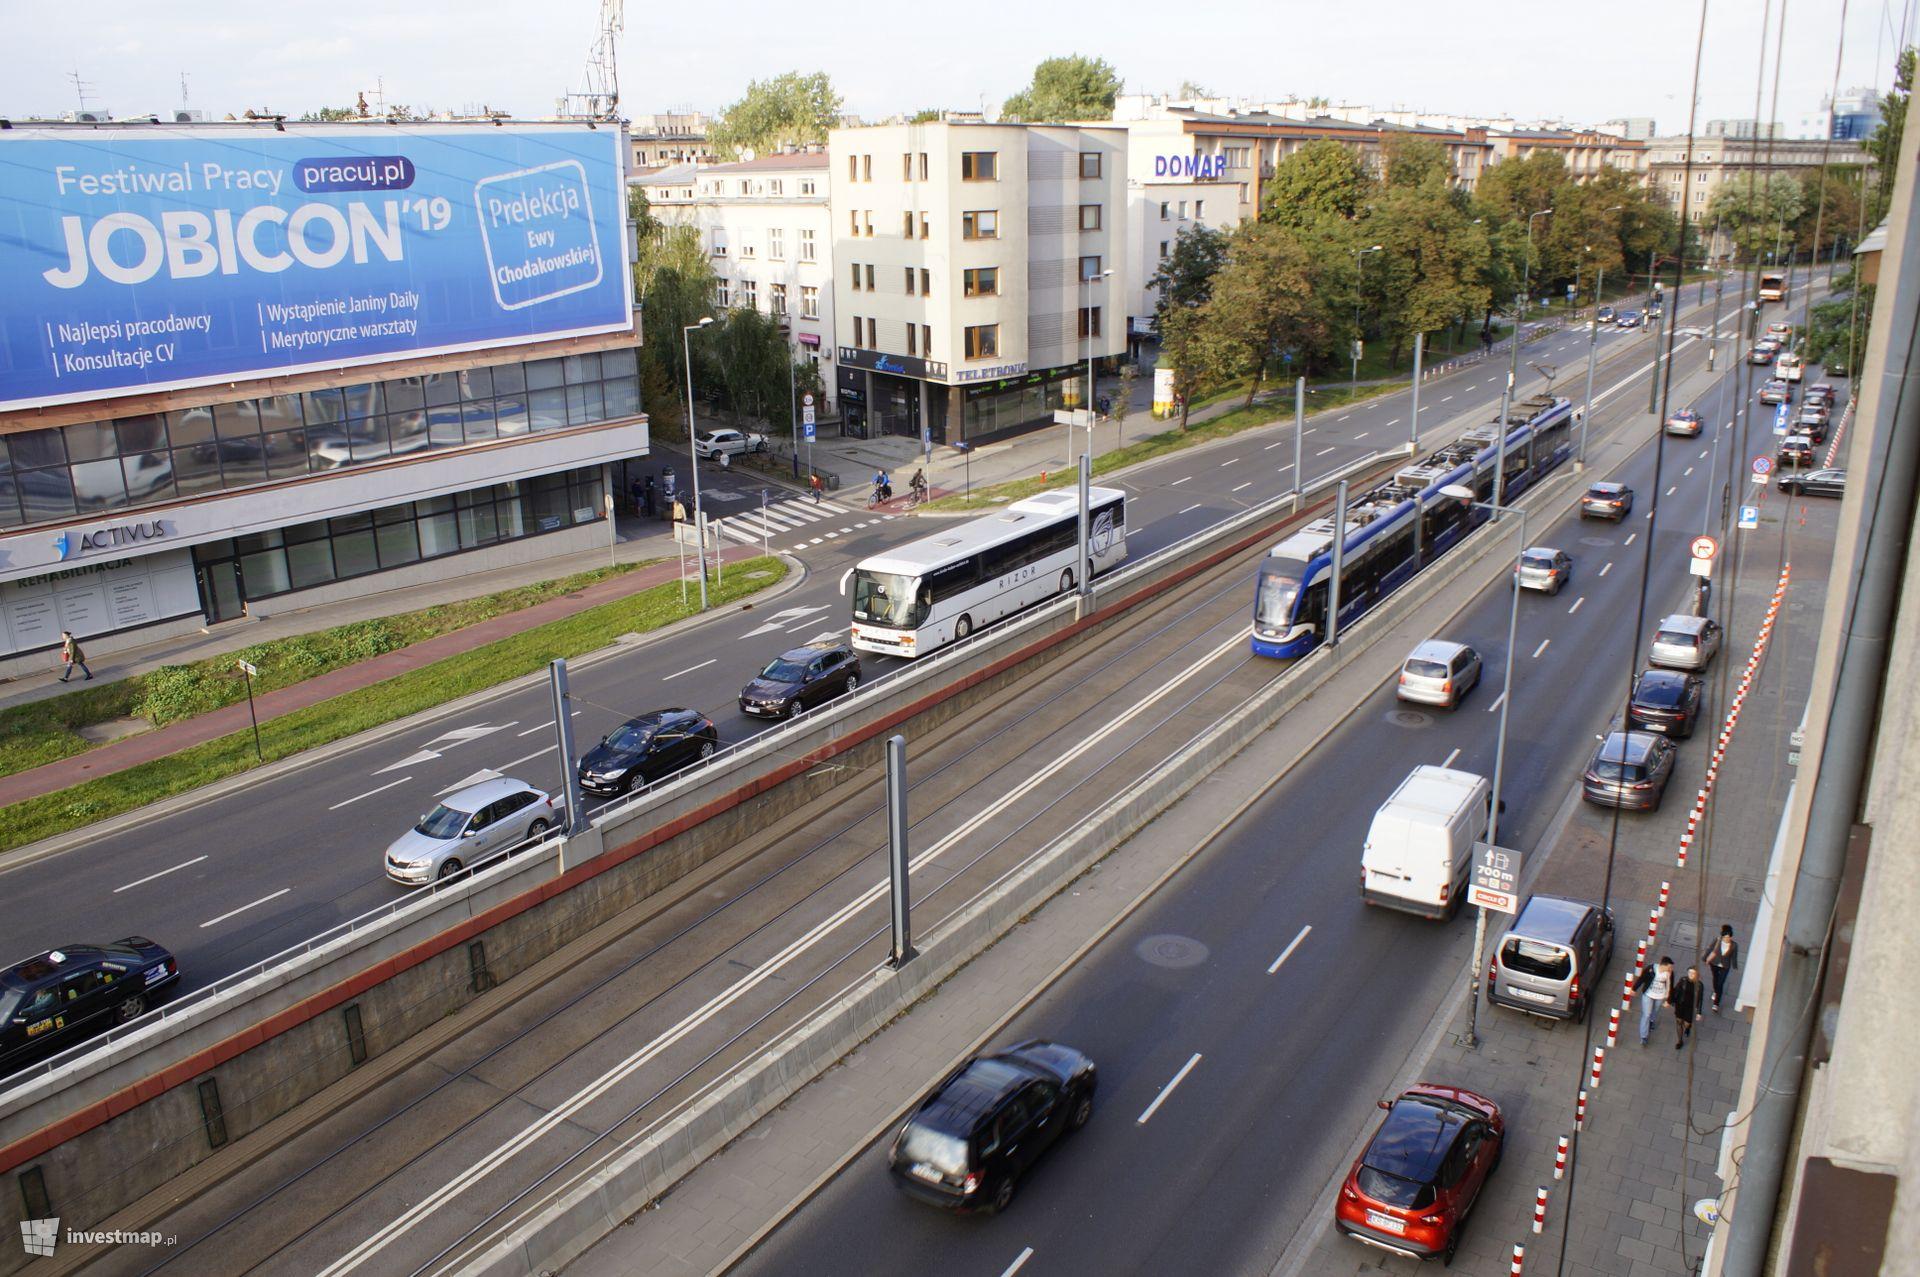 Przebudowa trasy Rondo Mogilskie - Pl. Centralny